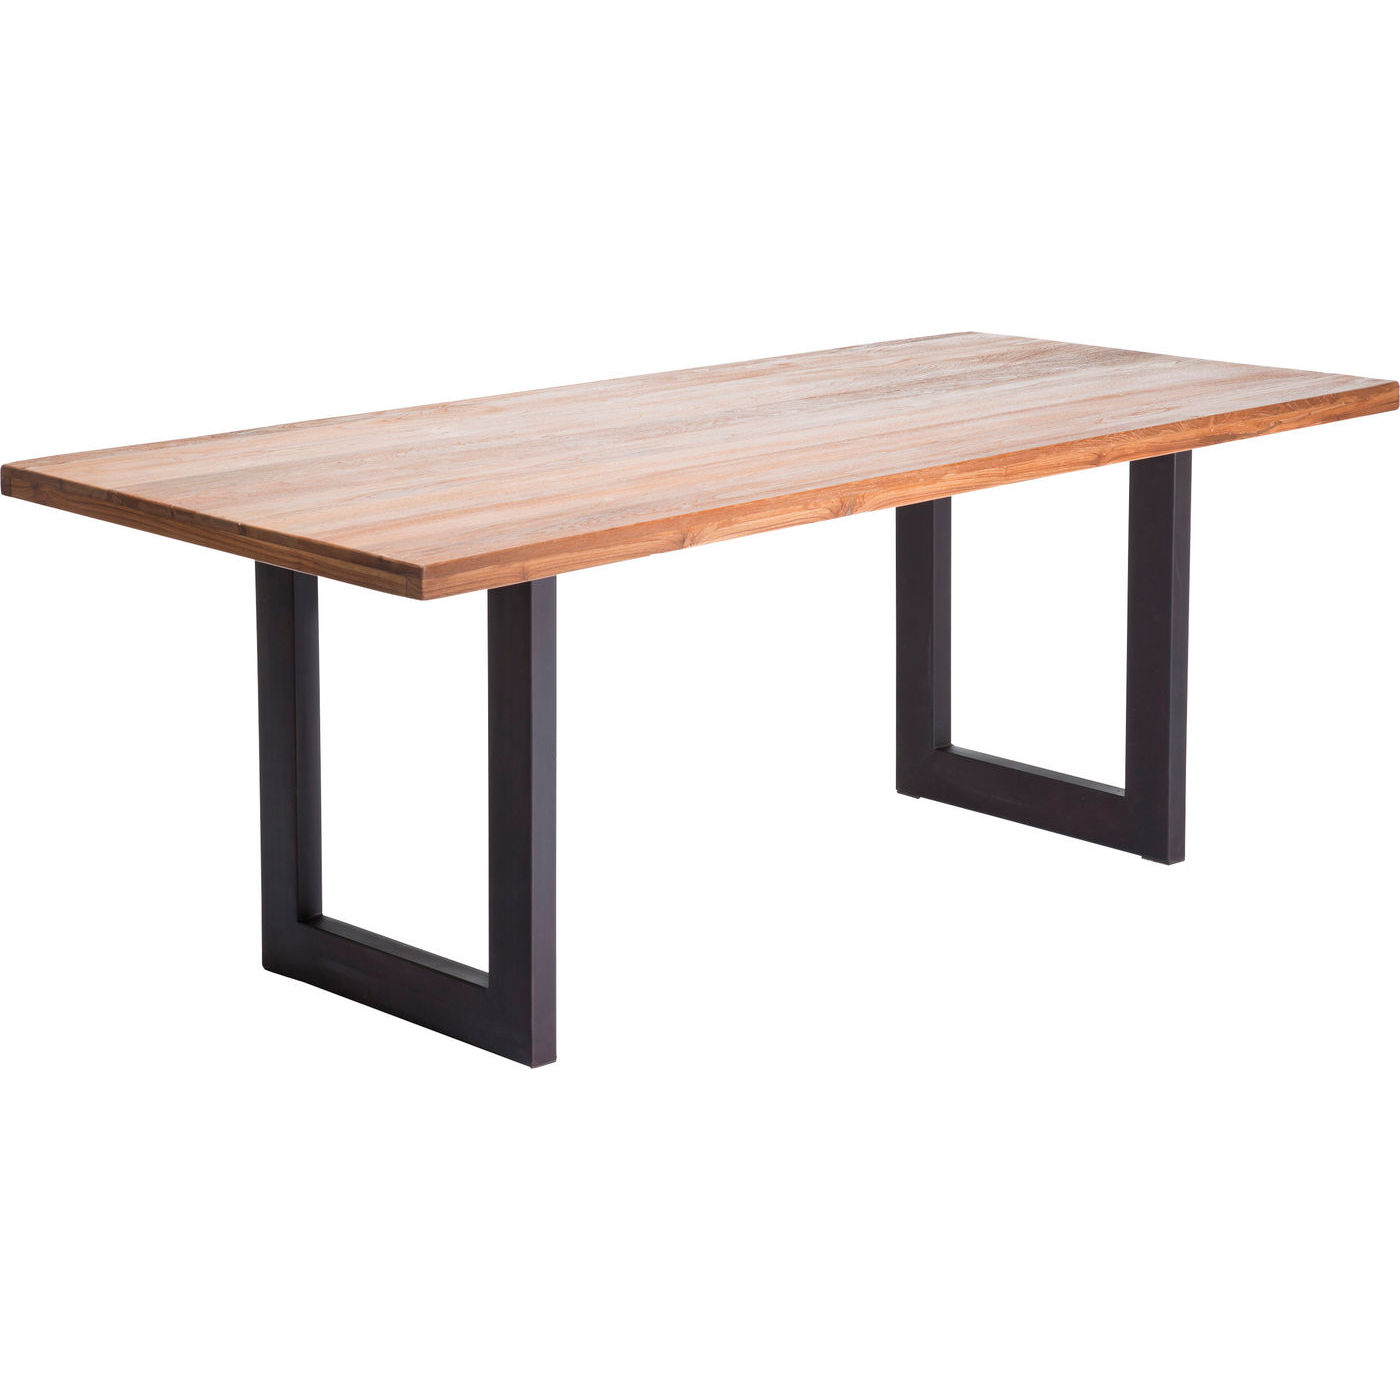 Moderne Factory spisebord i Teak træ - Genanvendt Teaktræ og sortmalet jern. BA-29